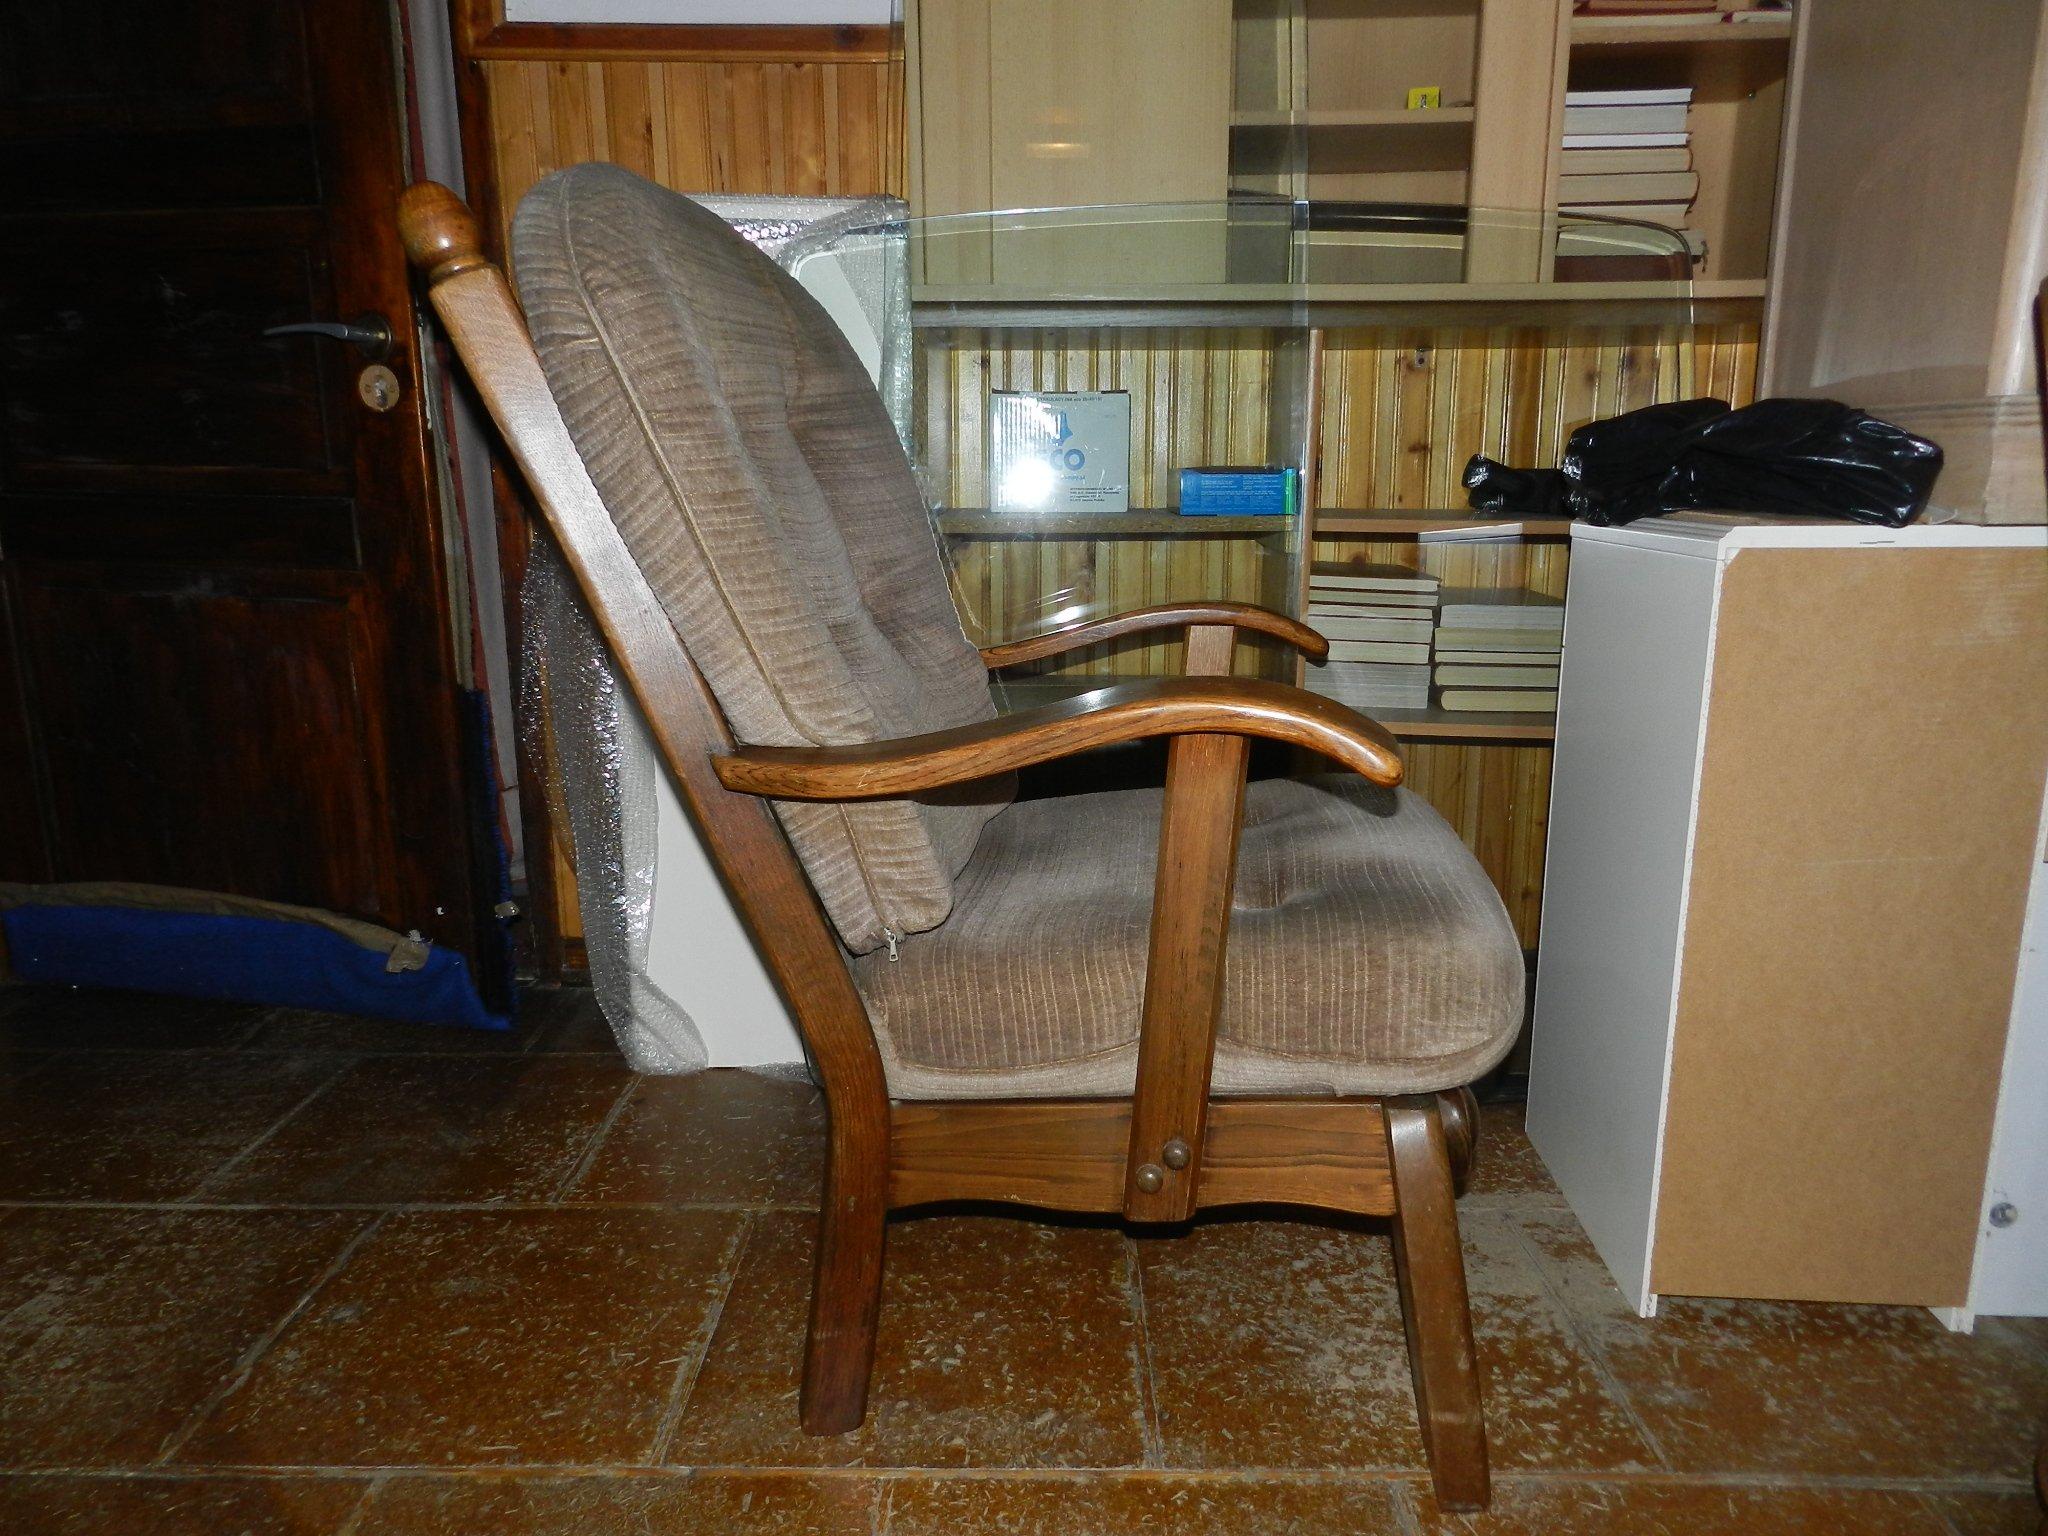 Fotel Dla Twojego Rodzica Lub Dla Ciebie 7401270334 Oficjalne